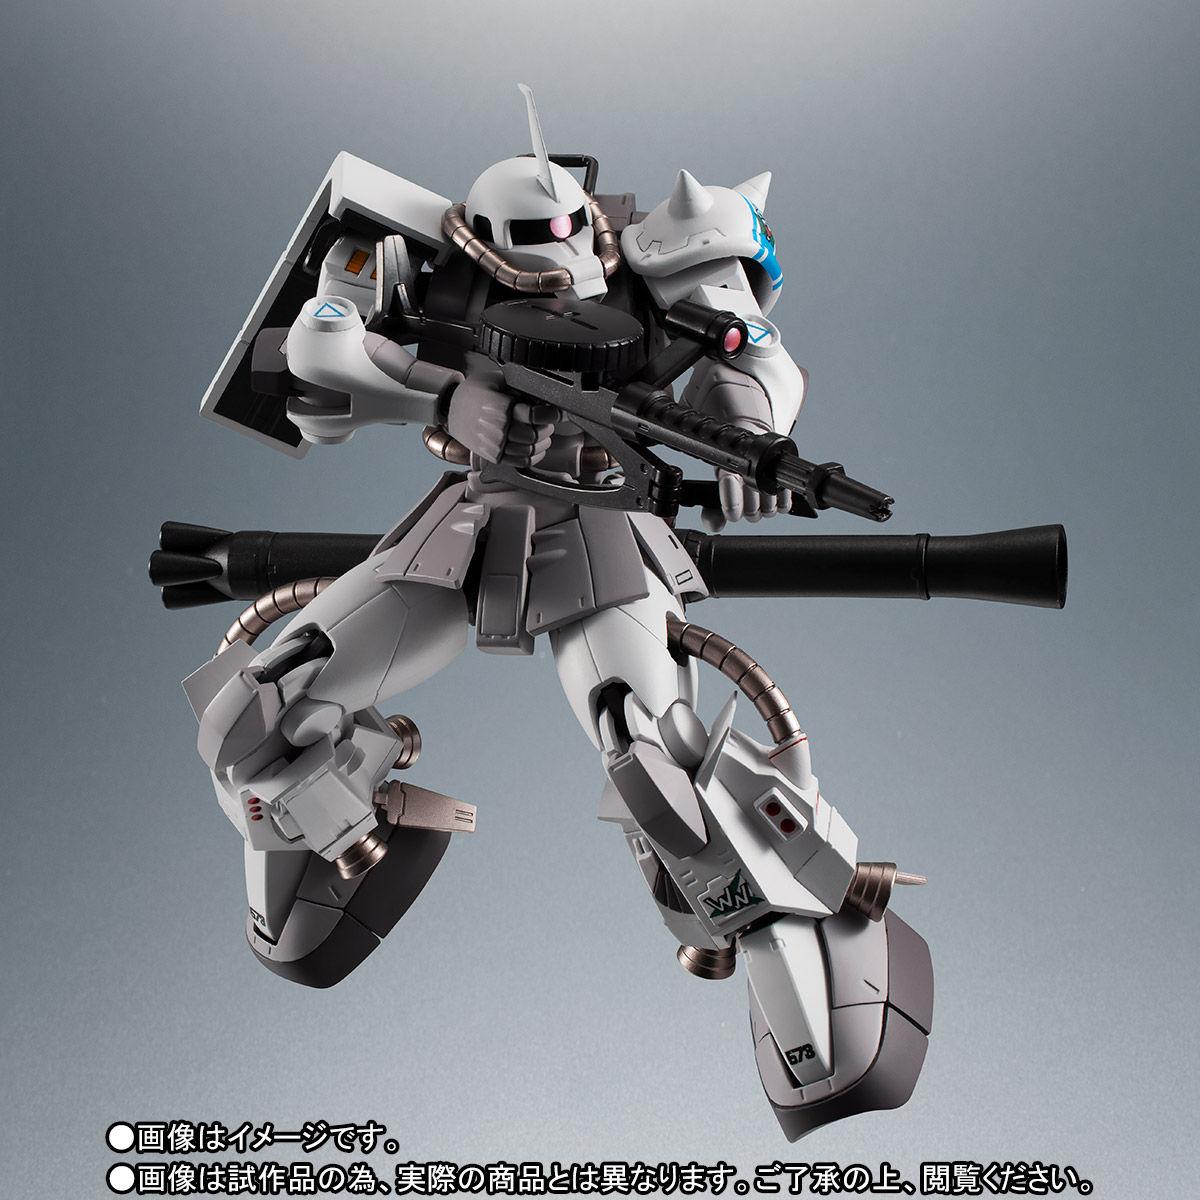 【限定販売】ROBOT魂〈SIDE MS〉『MS-06R-1A シン・マツナガ専用高機動型ザクII ver. A.N.I.M.E.』ダンダムMSV 可動フィギュア-009